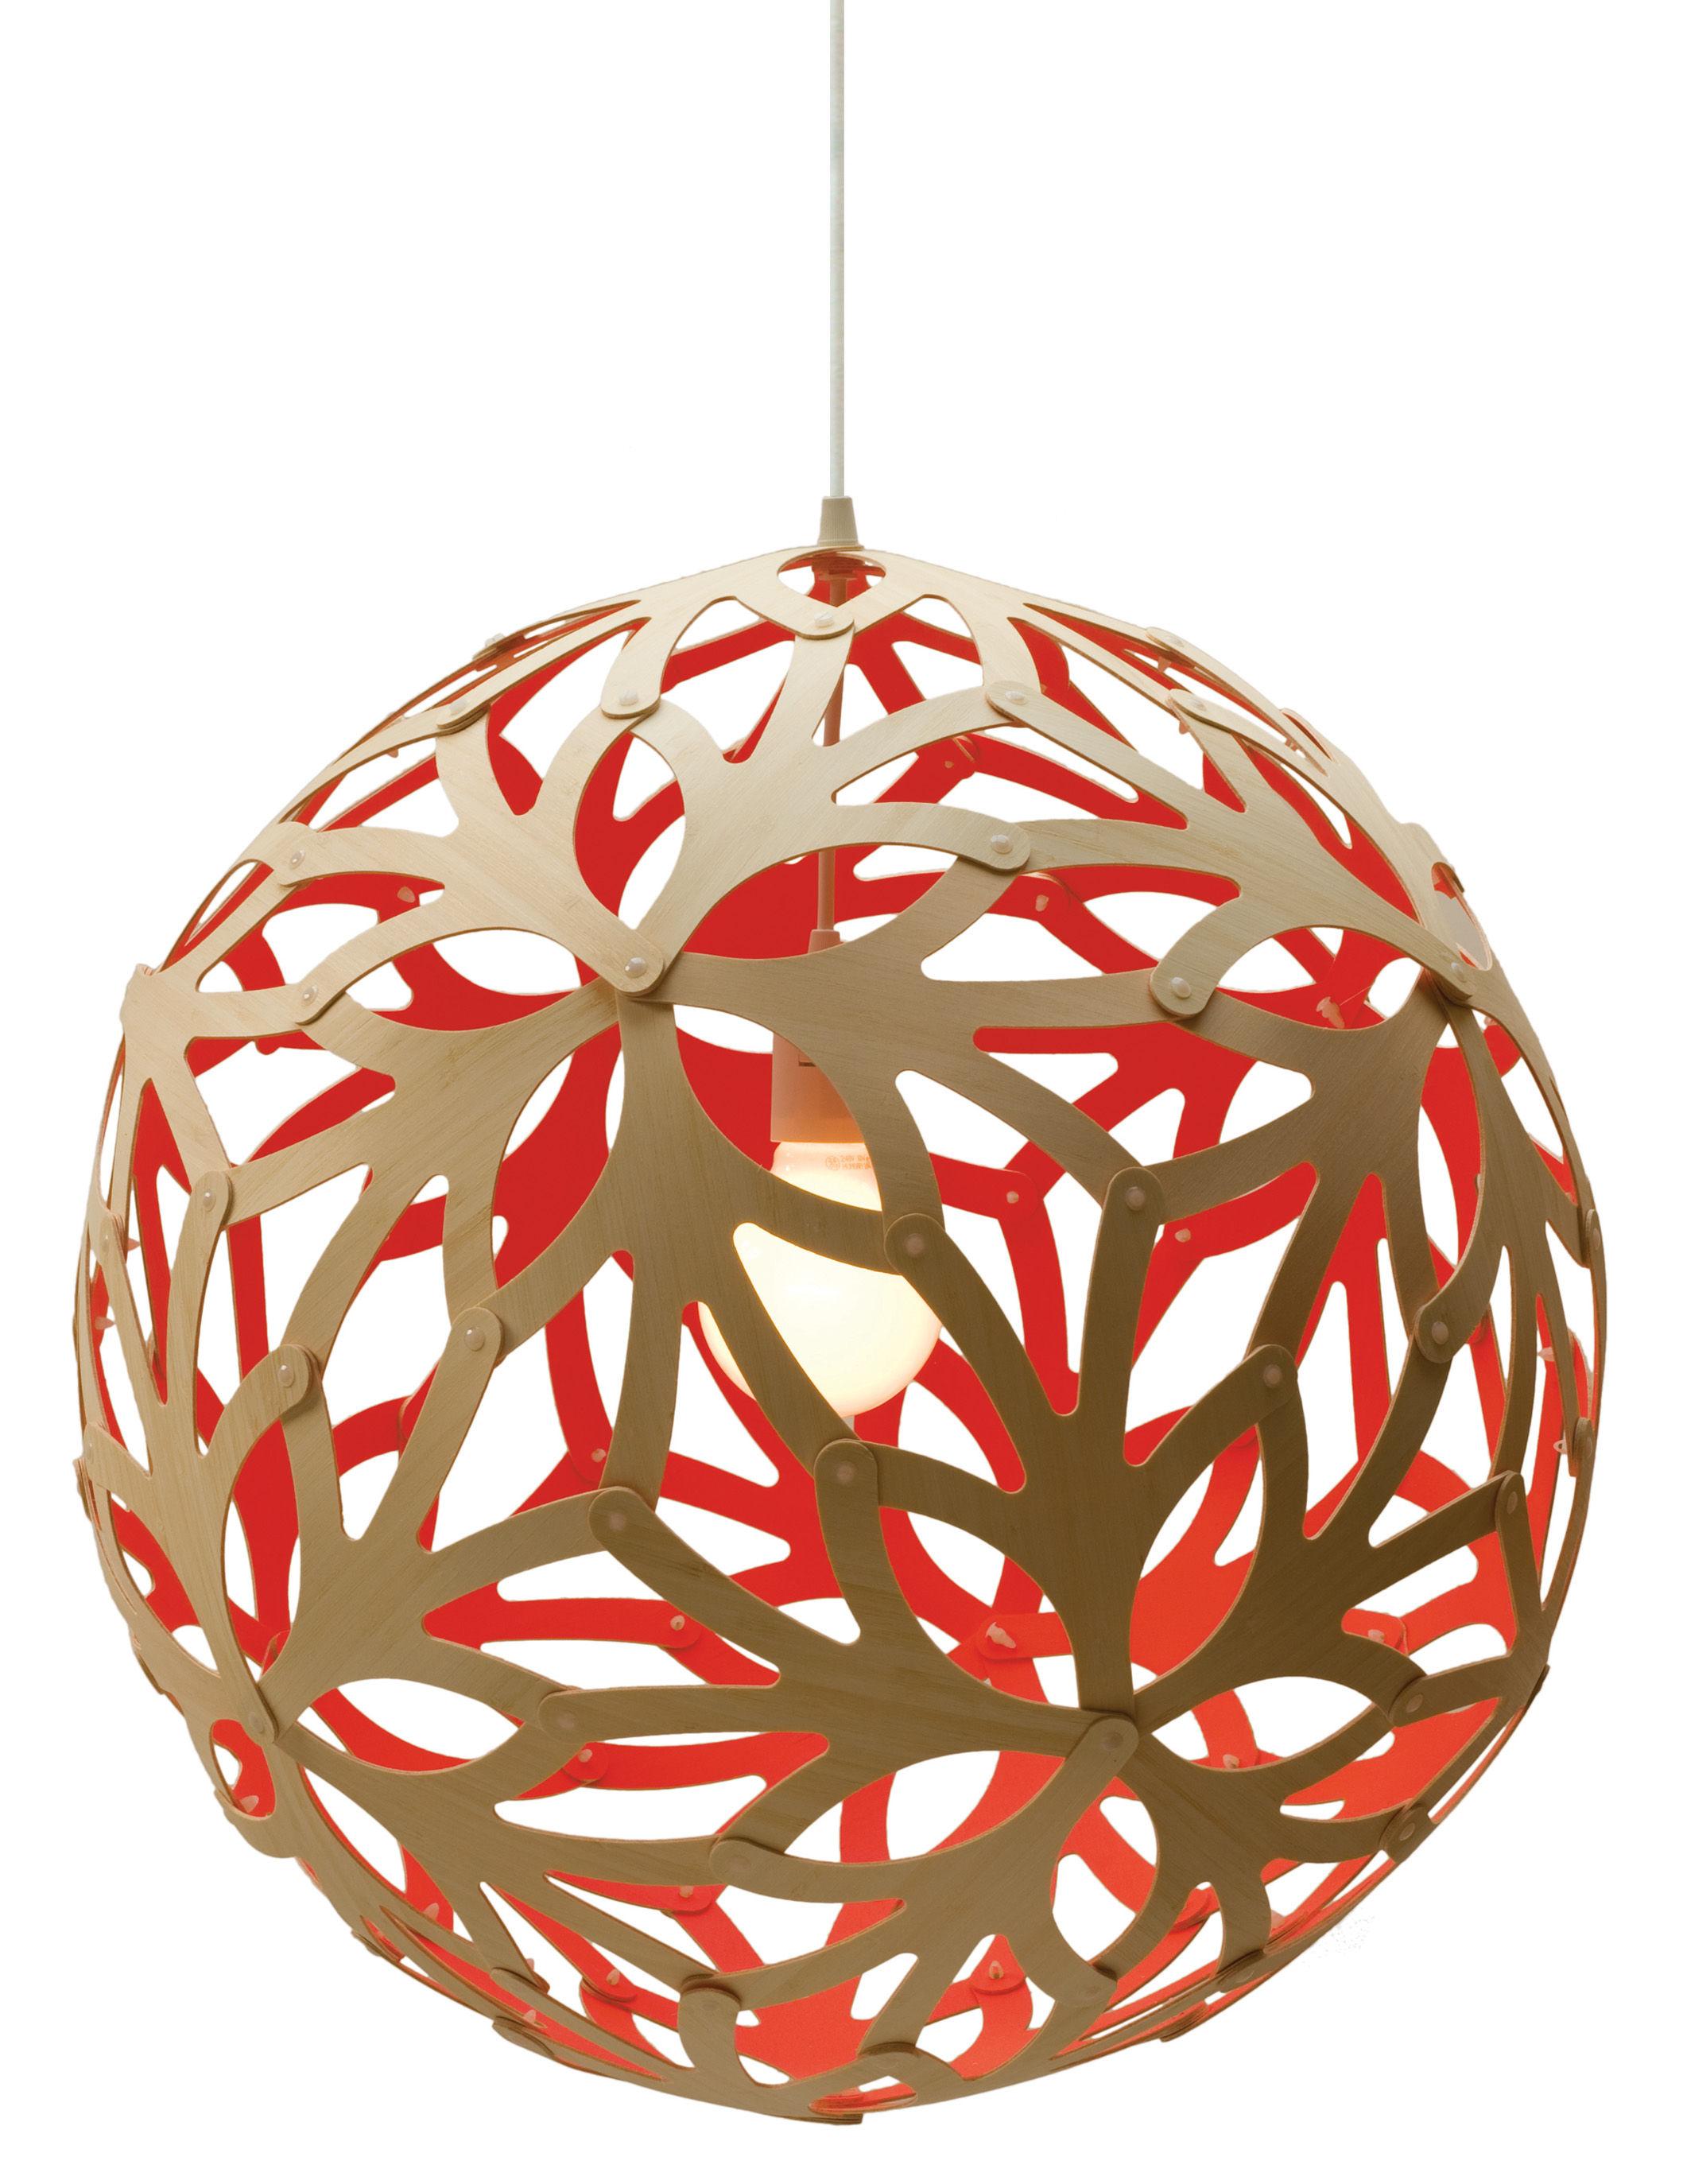 Illuminazione - Lampadari - Sospensione Floral - Ø 60 cm - Bicolore - Esclusiva web di David Trubridge - Rosso / legno naturale - Pino